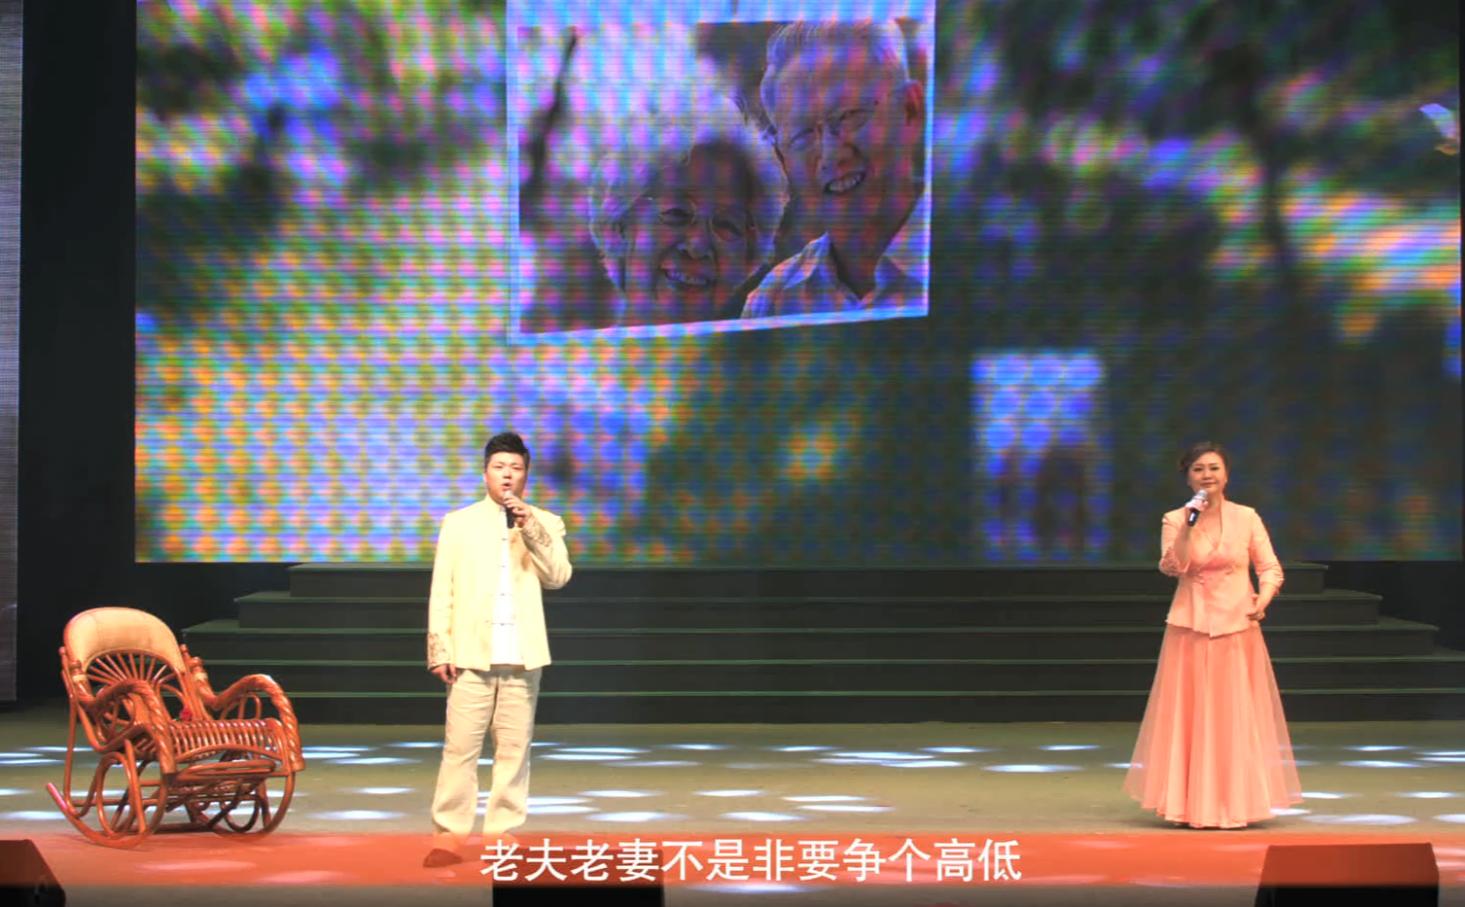 第十七屆群星獎評獎活動——北京地區(音樂類)選拔活動入圍歌曲《老夫老妻》